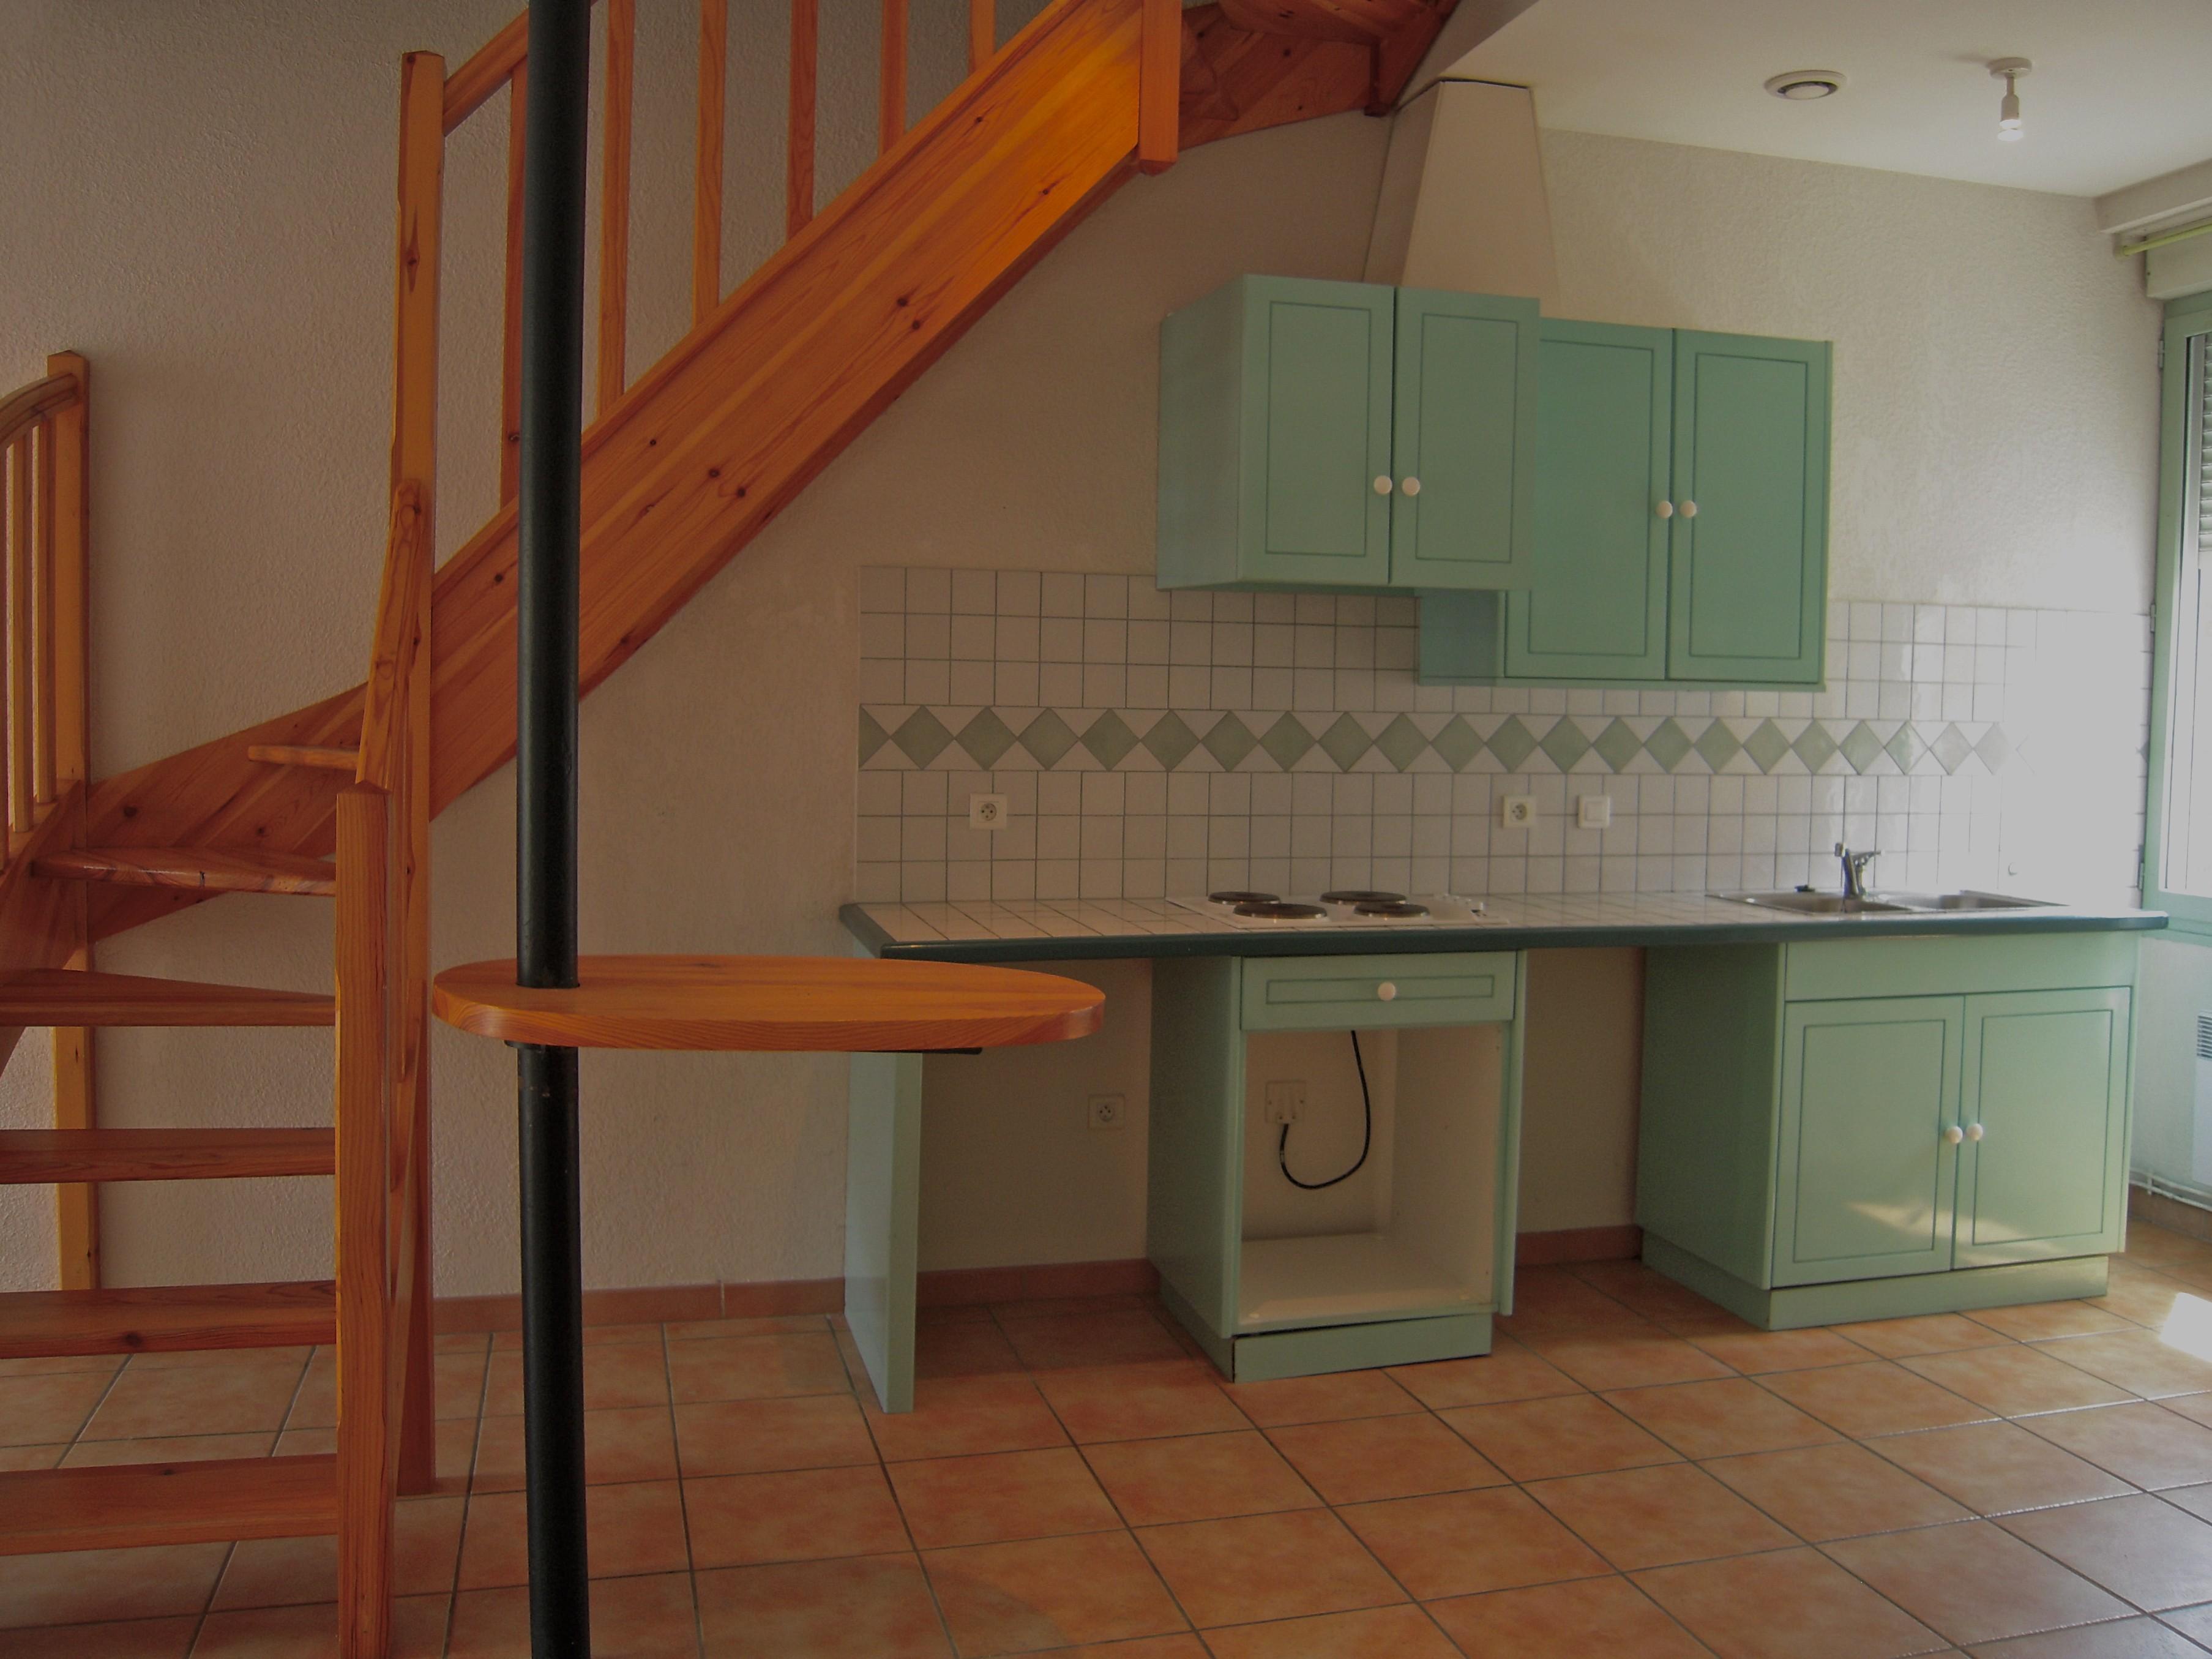 Location maison particulier a for Location maison particulier